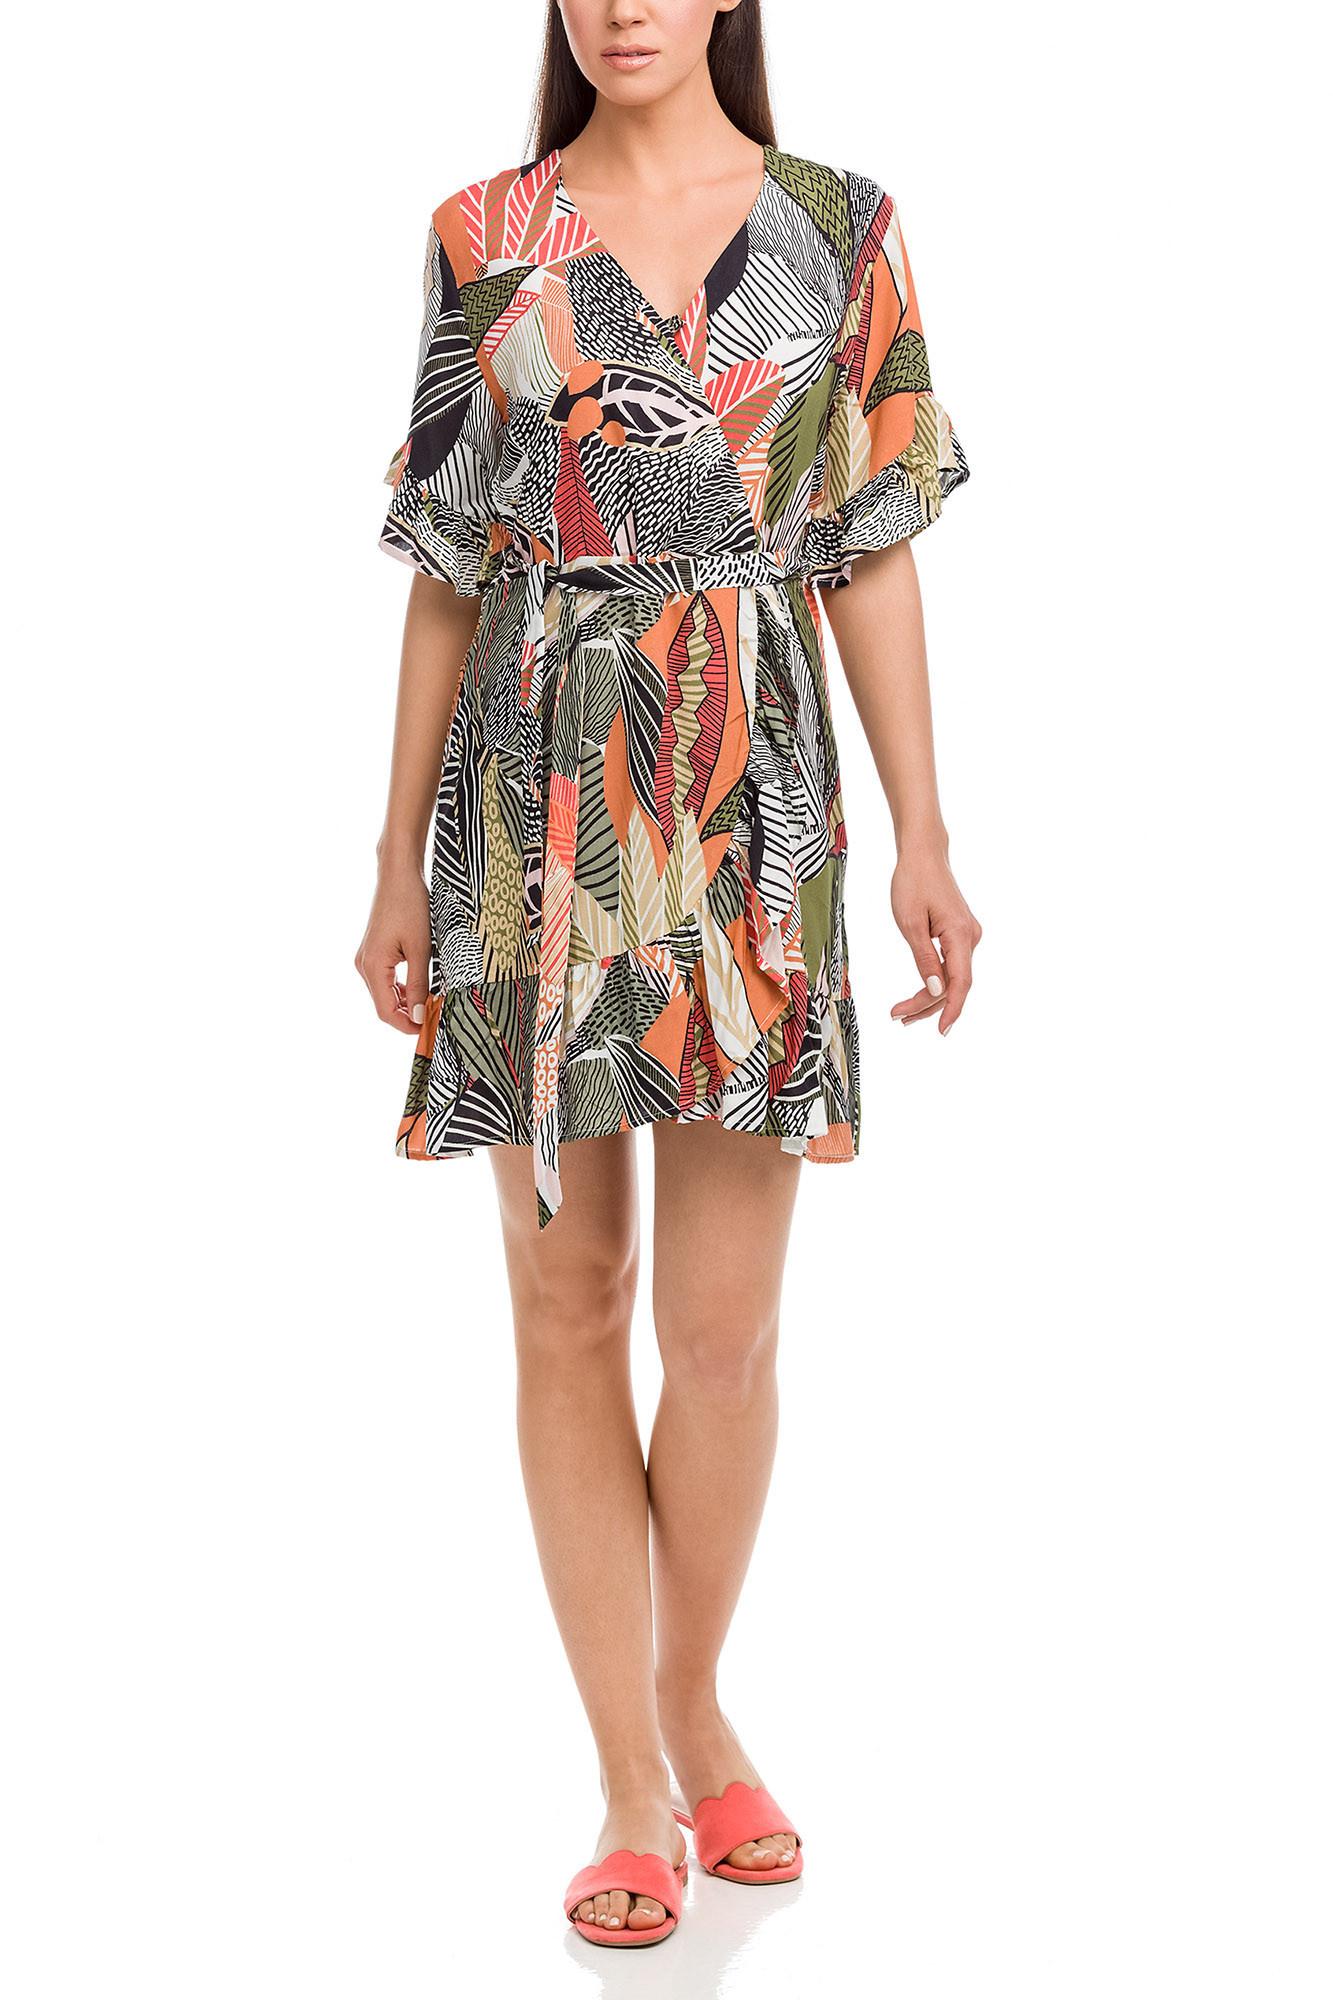 Vamp - Dámske šaty 12531 - Vamp coral spark s